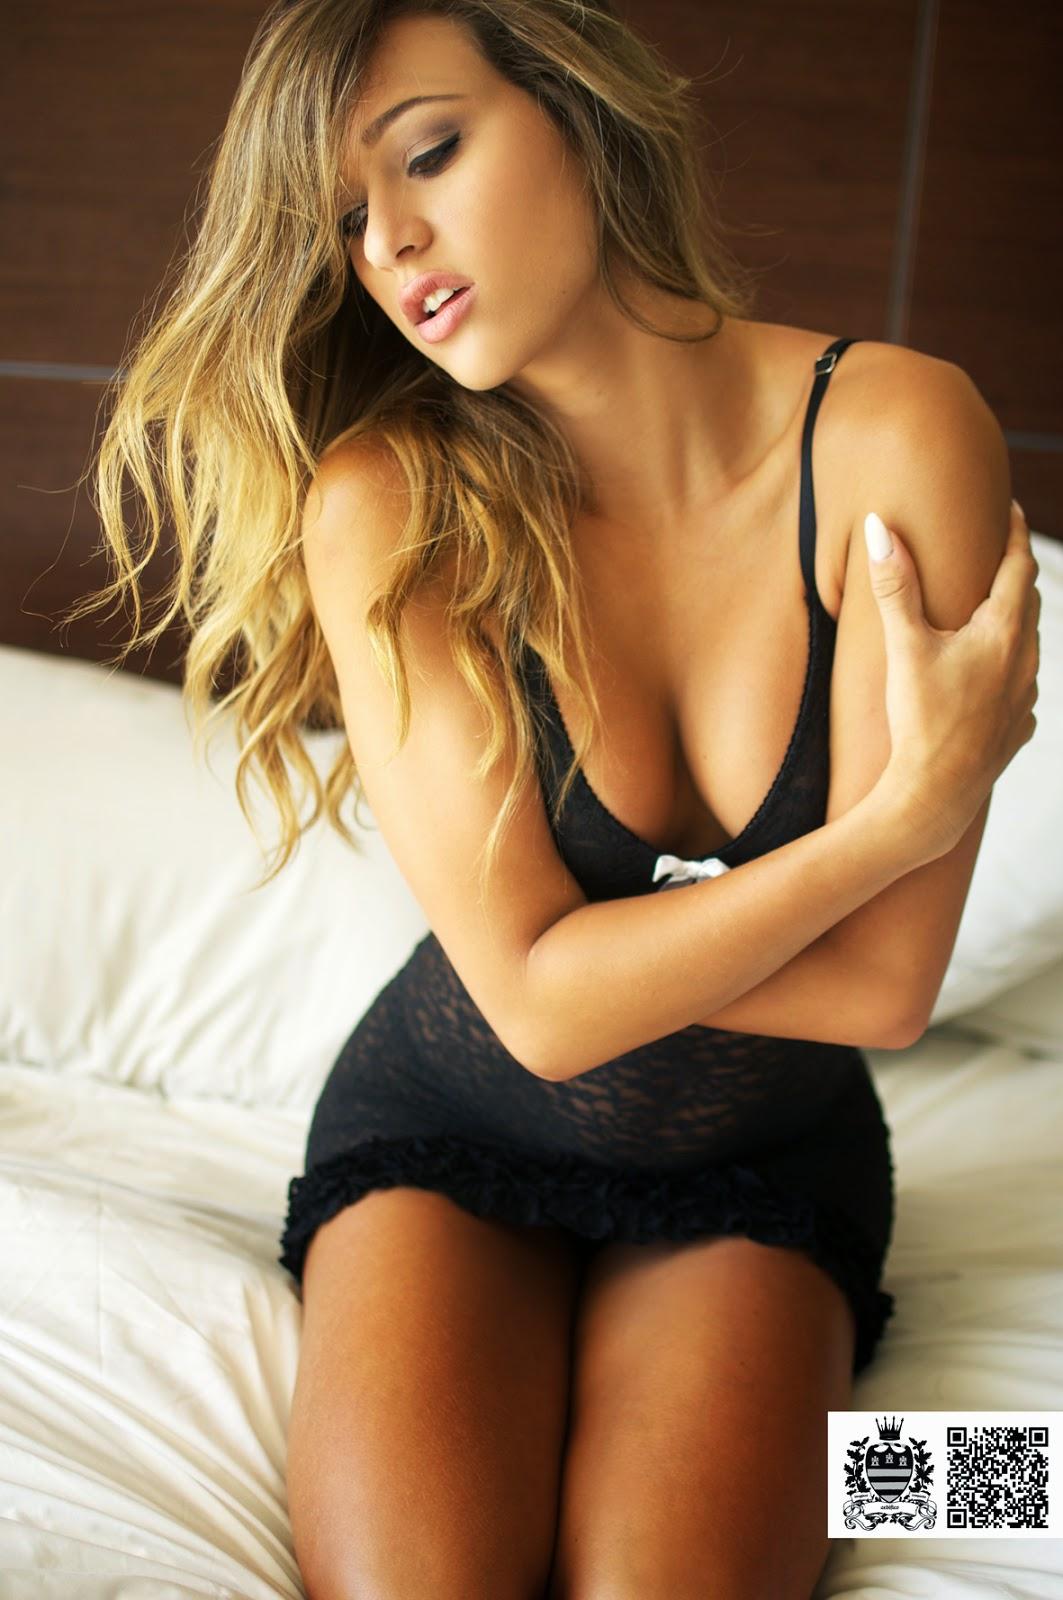 Top 10 Gratis Online Dating Sites